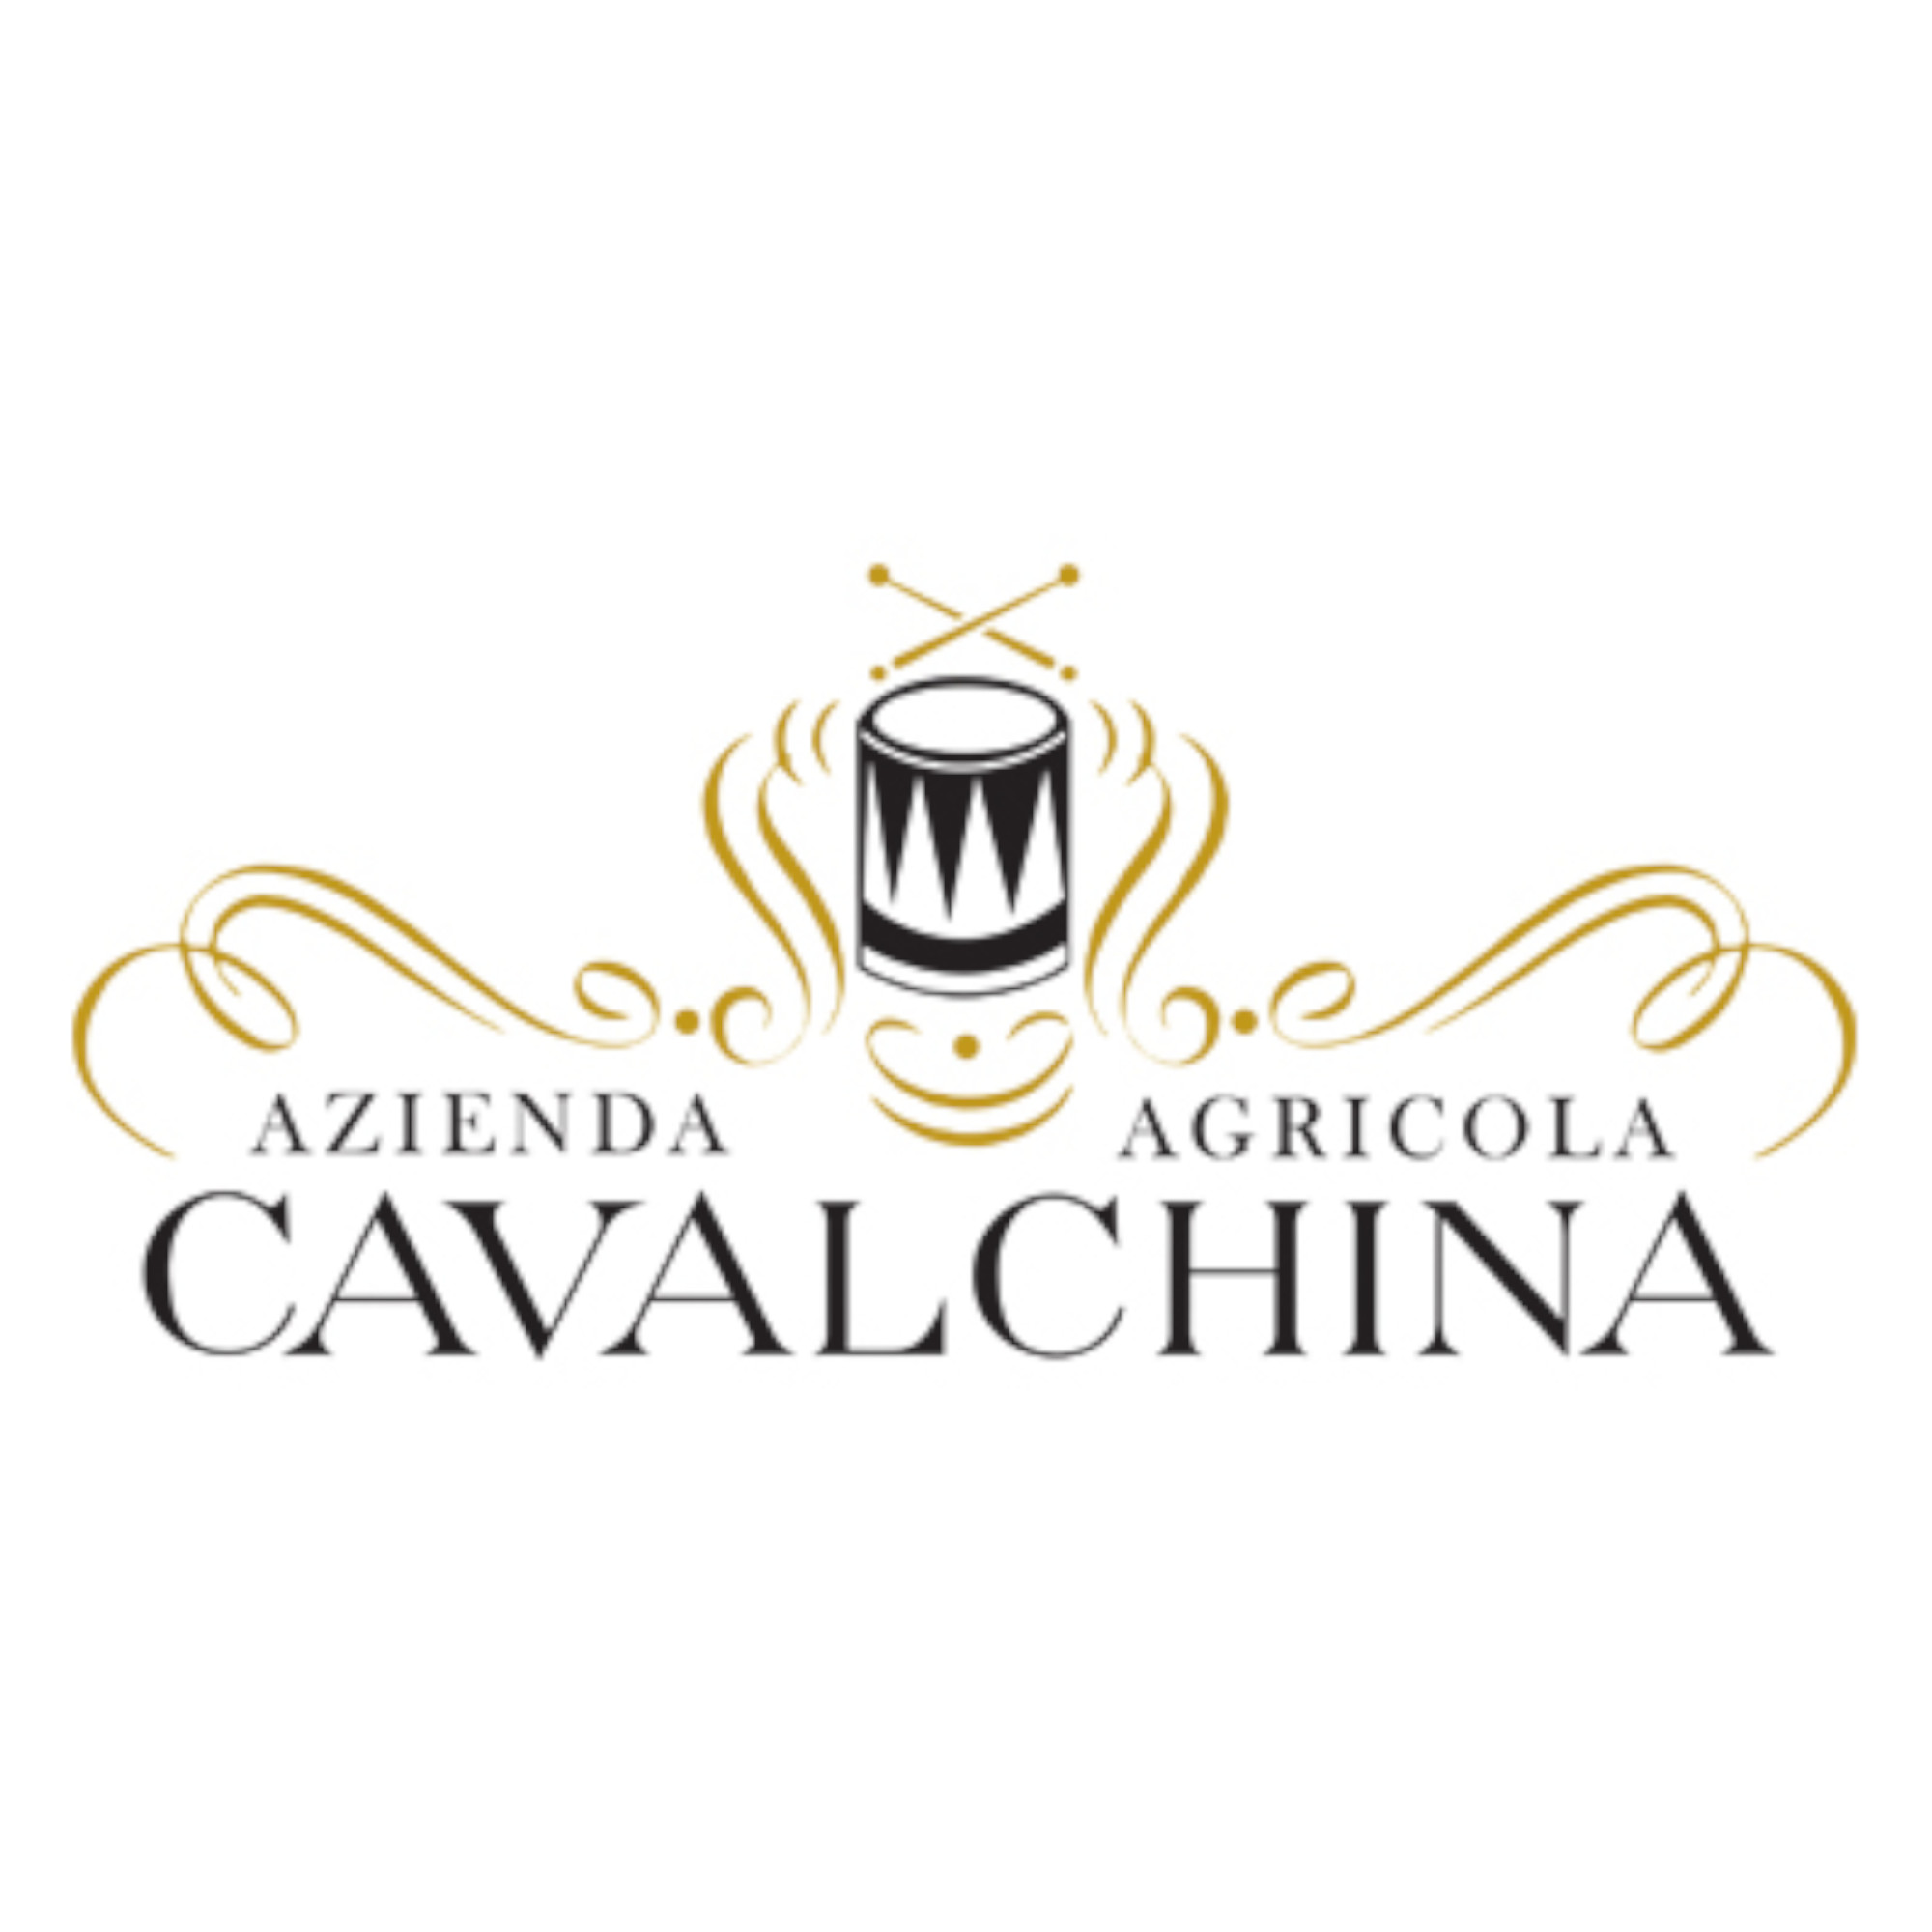 Azienda agricola Cavalchina